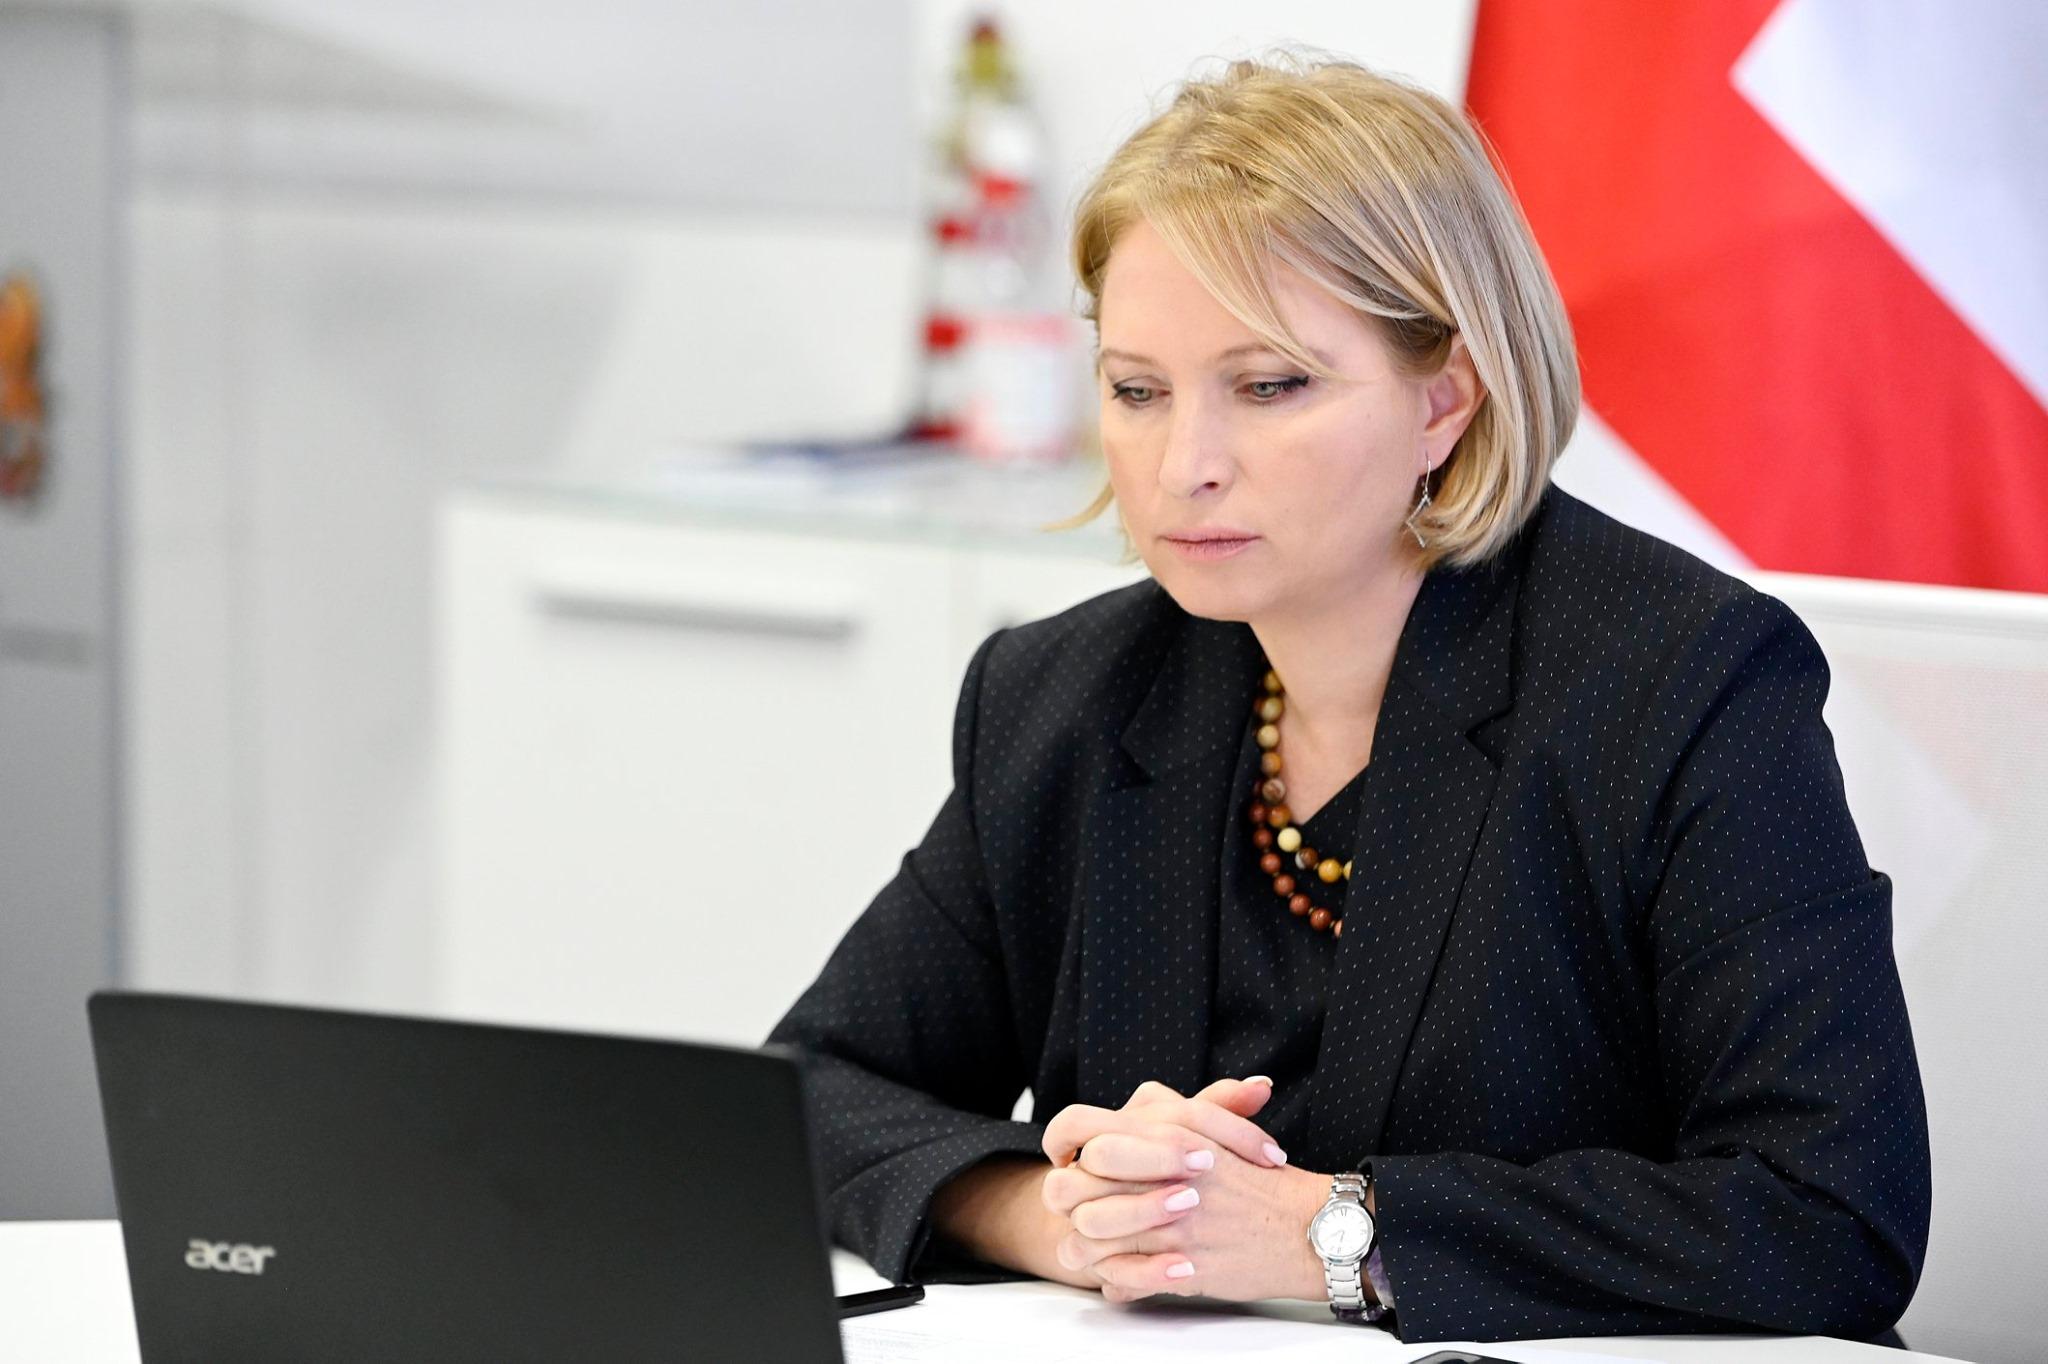 Natia Turnava 16 1 министр экономики и устойчивого развития Грузии министр экономики и устойчивого развития Грузии